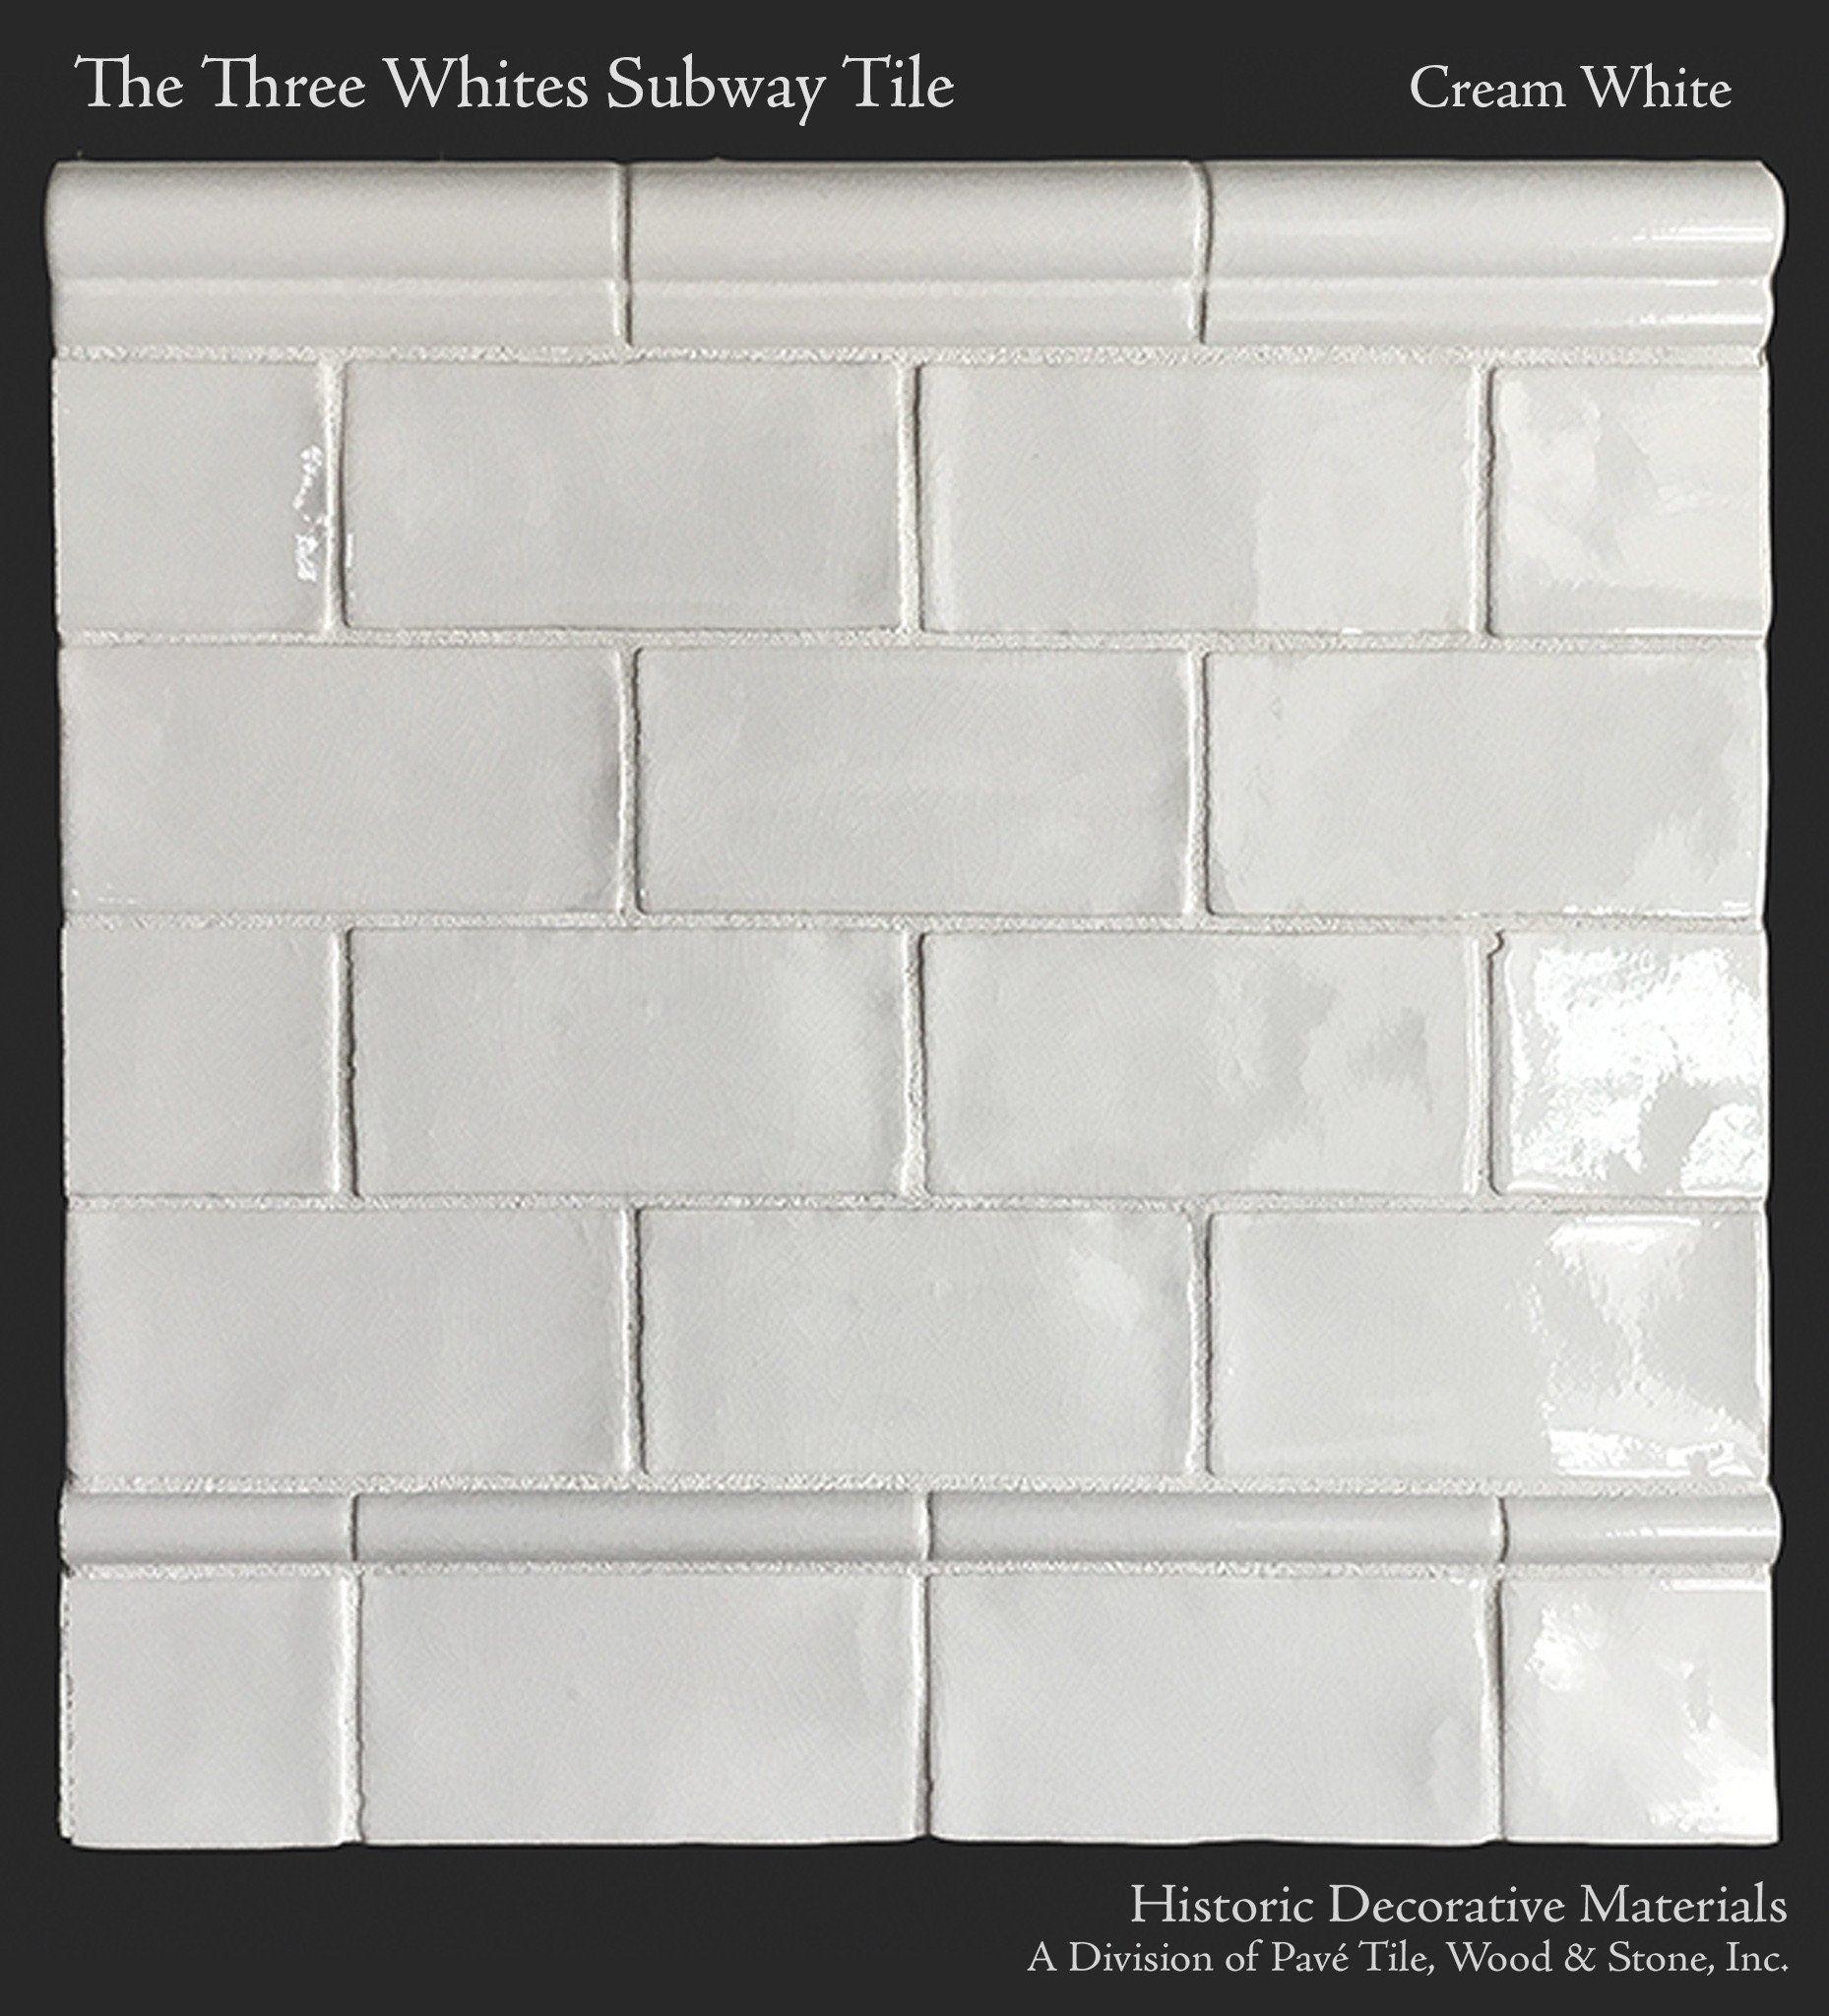 The Three Whites Glazed Ceramic 3 X 6 Subway Tile Collection In Perfect Cream White Subway Tile Kitchen Tiles Ceramic Subway Tile